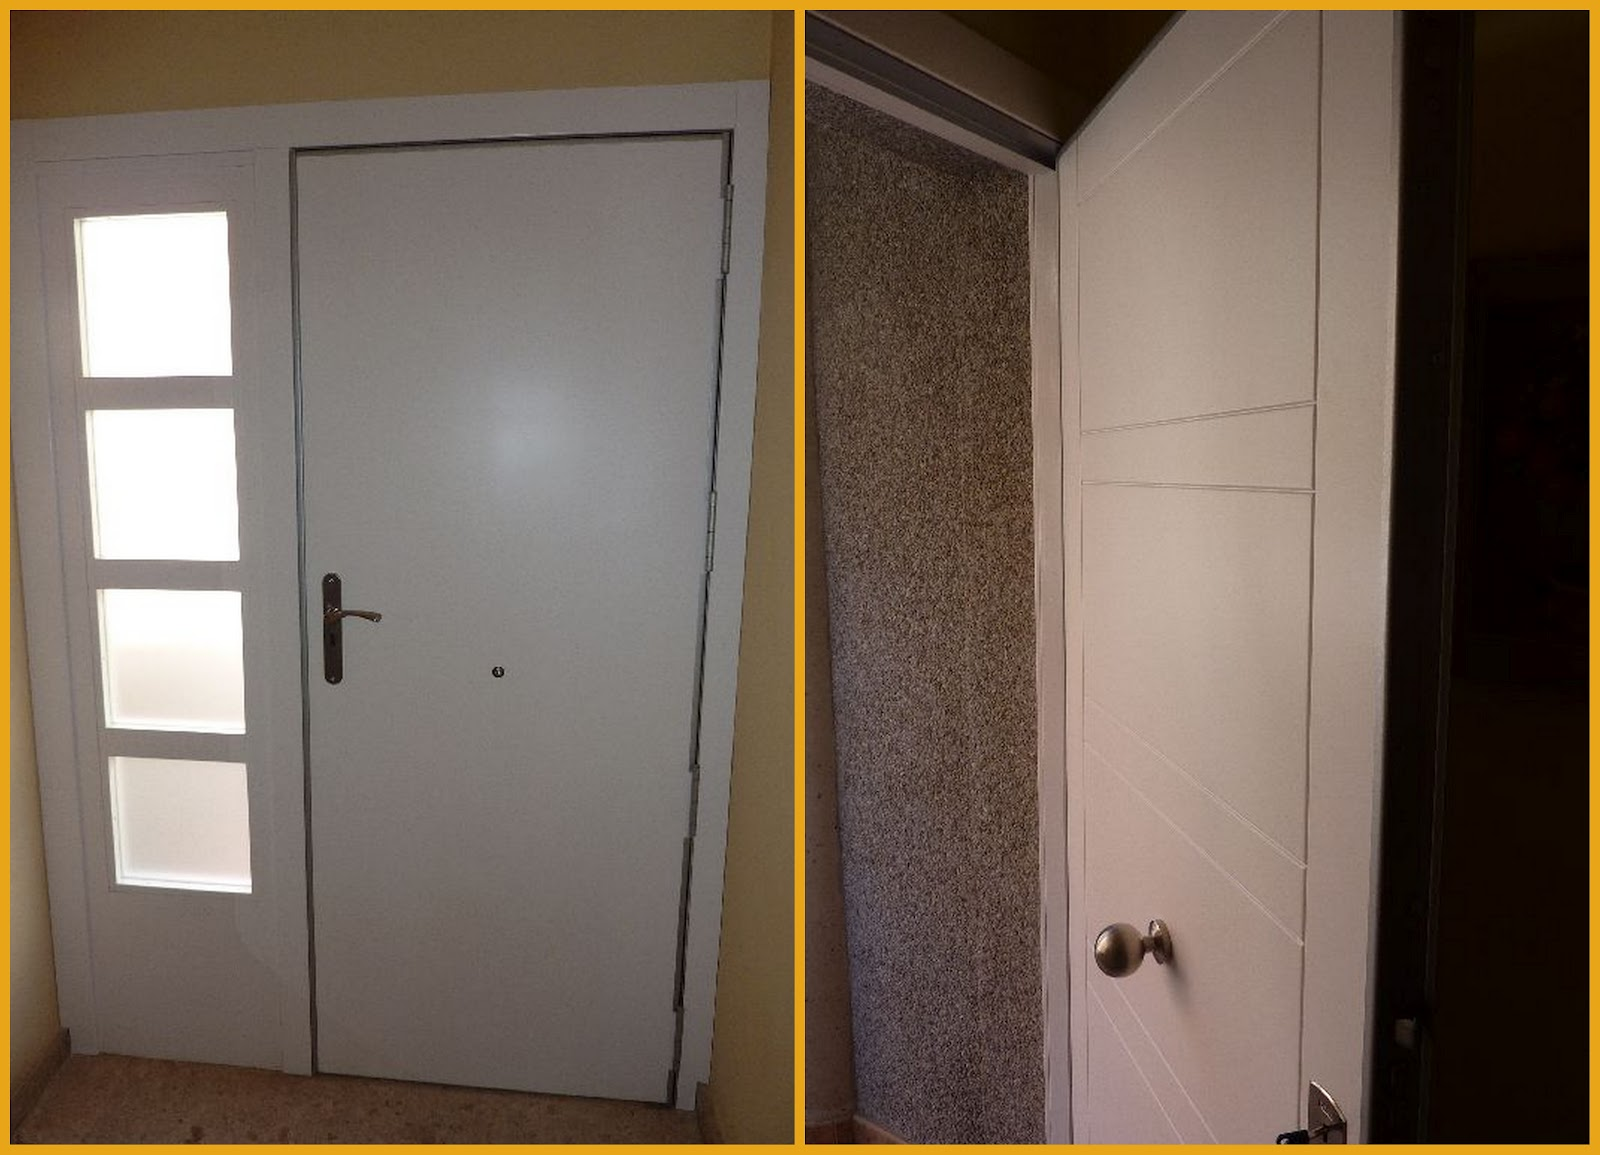 Carpinteria muebles a medida puerta de entrada - Medidas puerta entrada ...